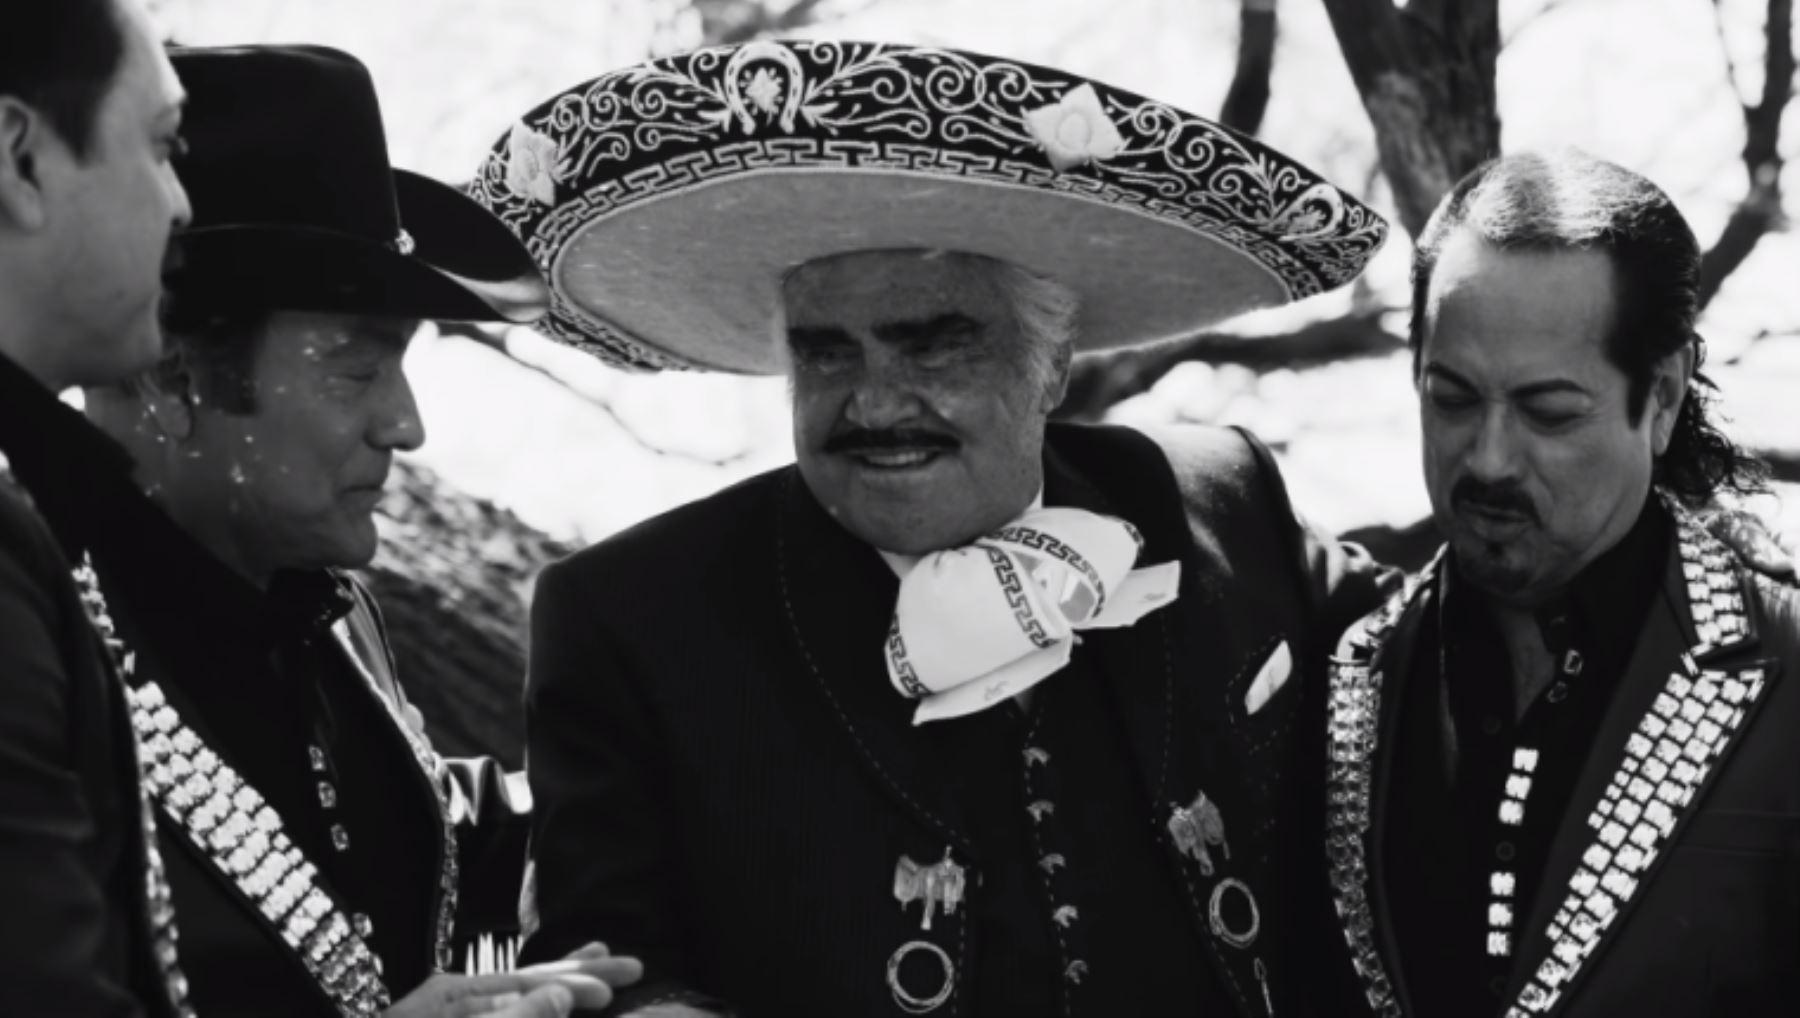 Vicente Fernández recibe hermoso homenaje musical por parte de Los Tigres del Norte.